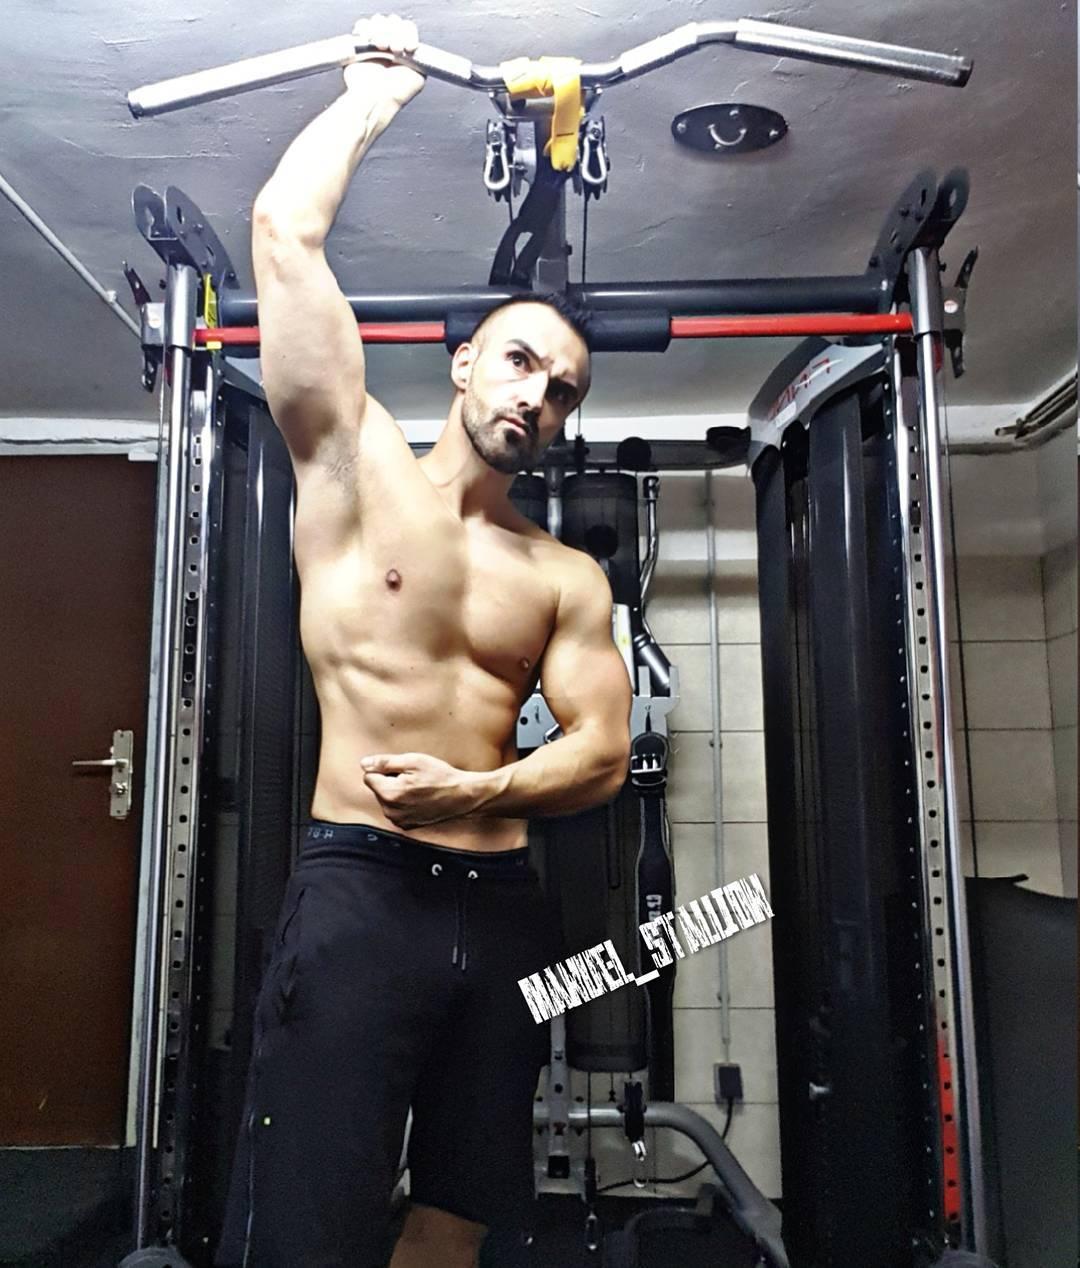 Mission von 0 auf Rambobody in 3 Monaten… 5 Wochen sind nun rum. Ab jetzt steht mehr Cardio auf dem Programm, damit der Körperfettanteil weiter sinkt und ich muss eindeutig mehr Eiweiß futtern. Der Bauch wird harte Arbeit, aber mal schauen, was noch möglich ist! Weiter geht's… #fitness #fit #fitfam #bodybuilding #selfie #me #mcfit #superfit #crunchfit #johnreed #fitnessfirst #motivation #sport #lifestyle #body #muscles #muskeln #pump #pumped #german #berlin #gym #homegym #mission #rambo #nopainnogain